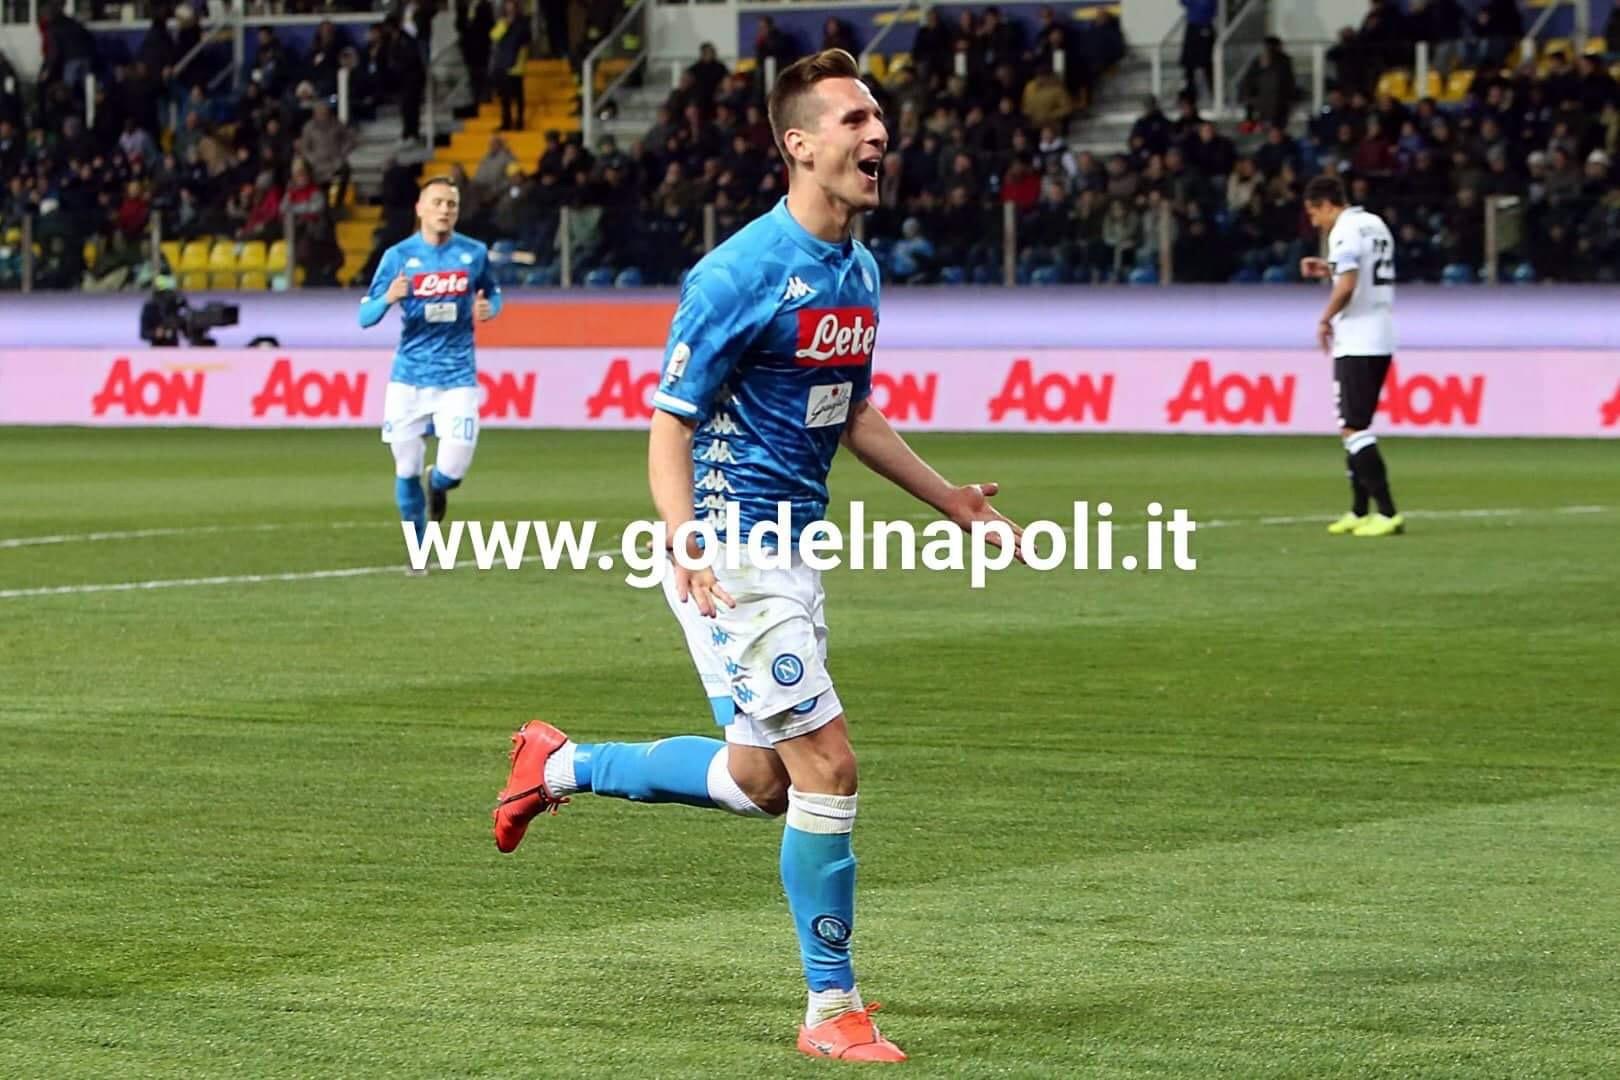 Milik twitta: abbiamo conquistato Roma - Gol del Napoli